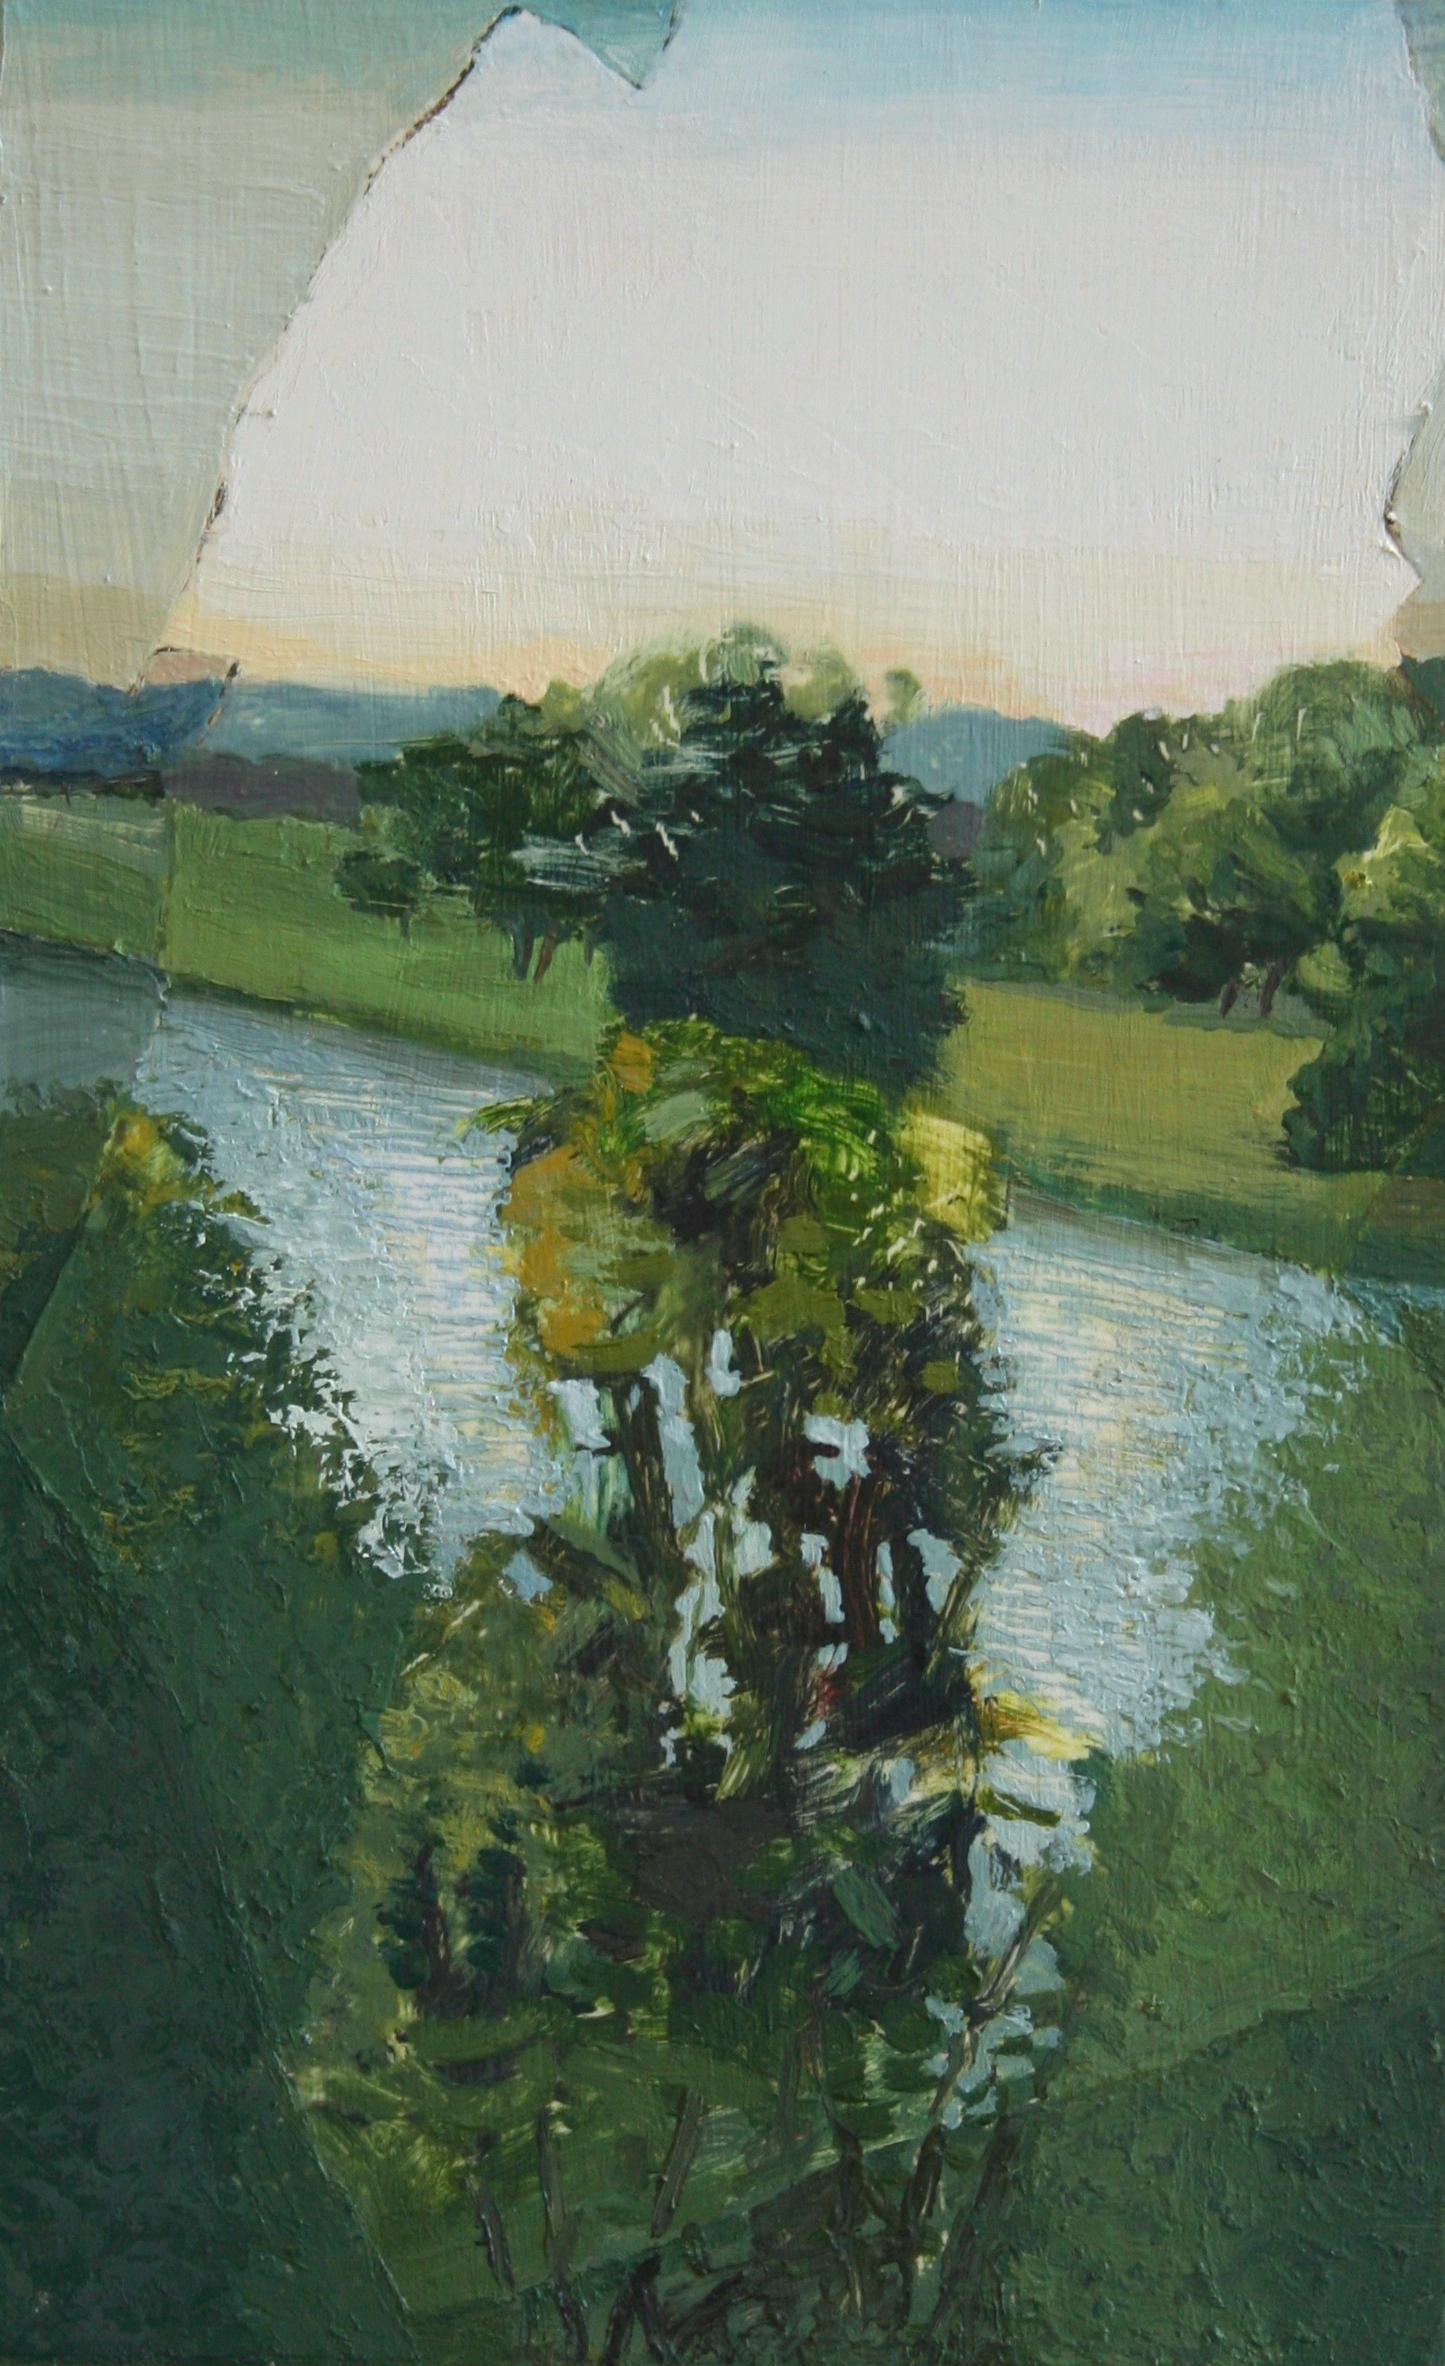 Summer River, Broken Window, 14.5 x 9 in, 2014